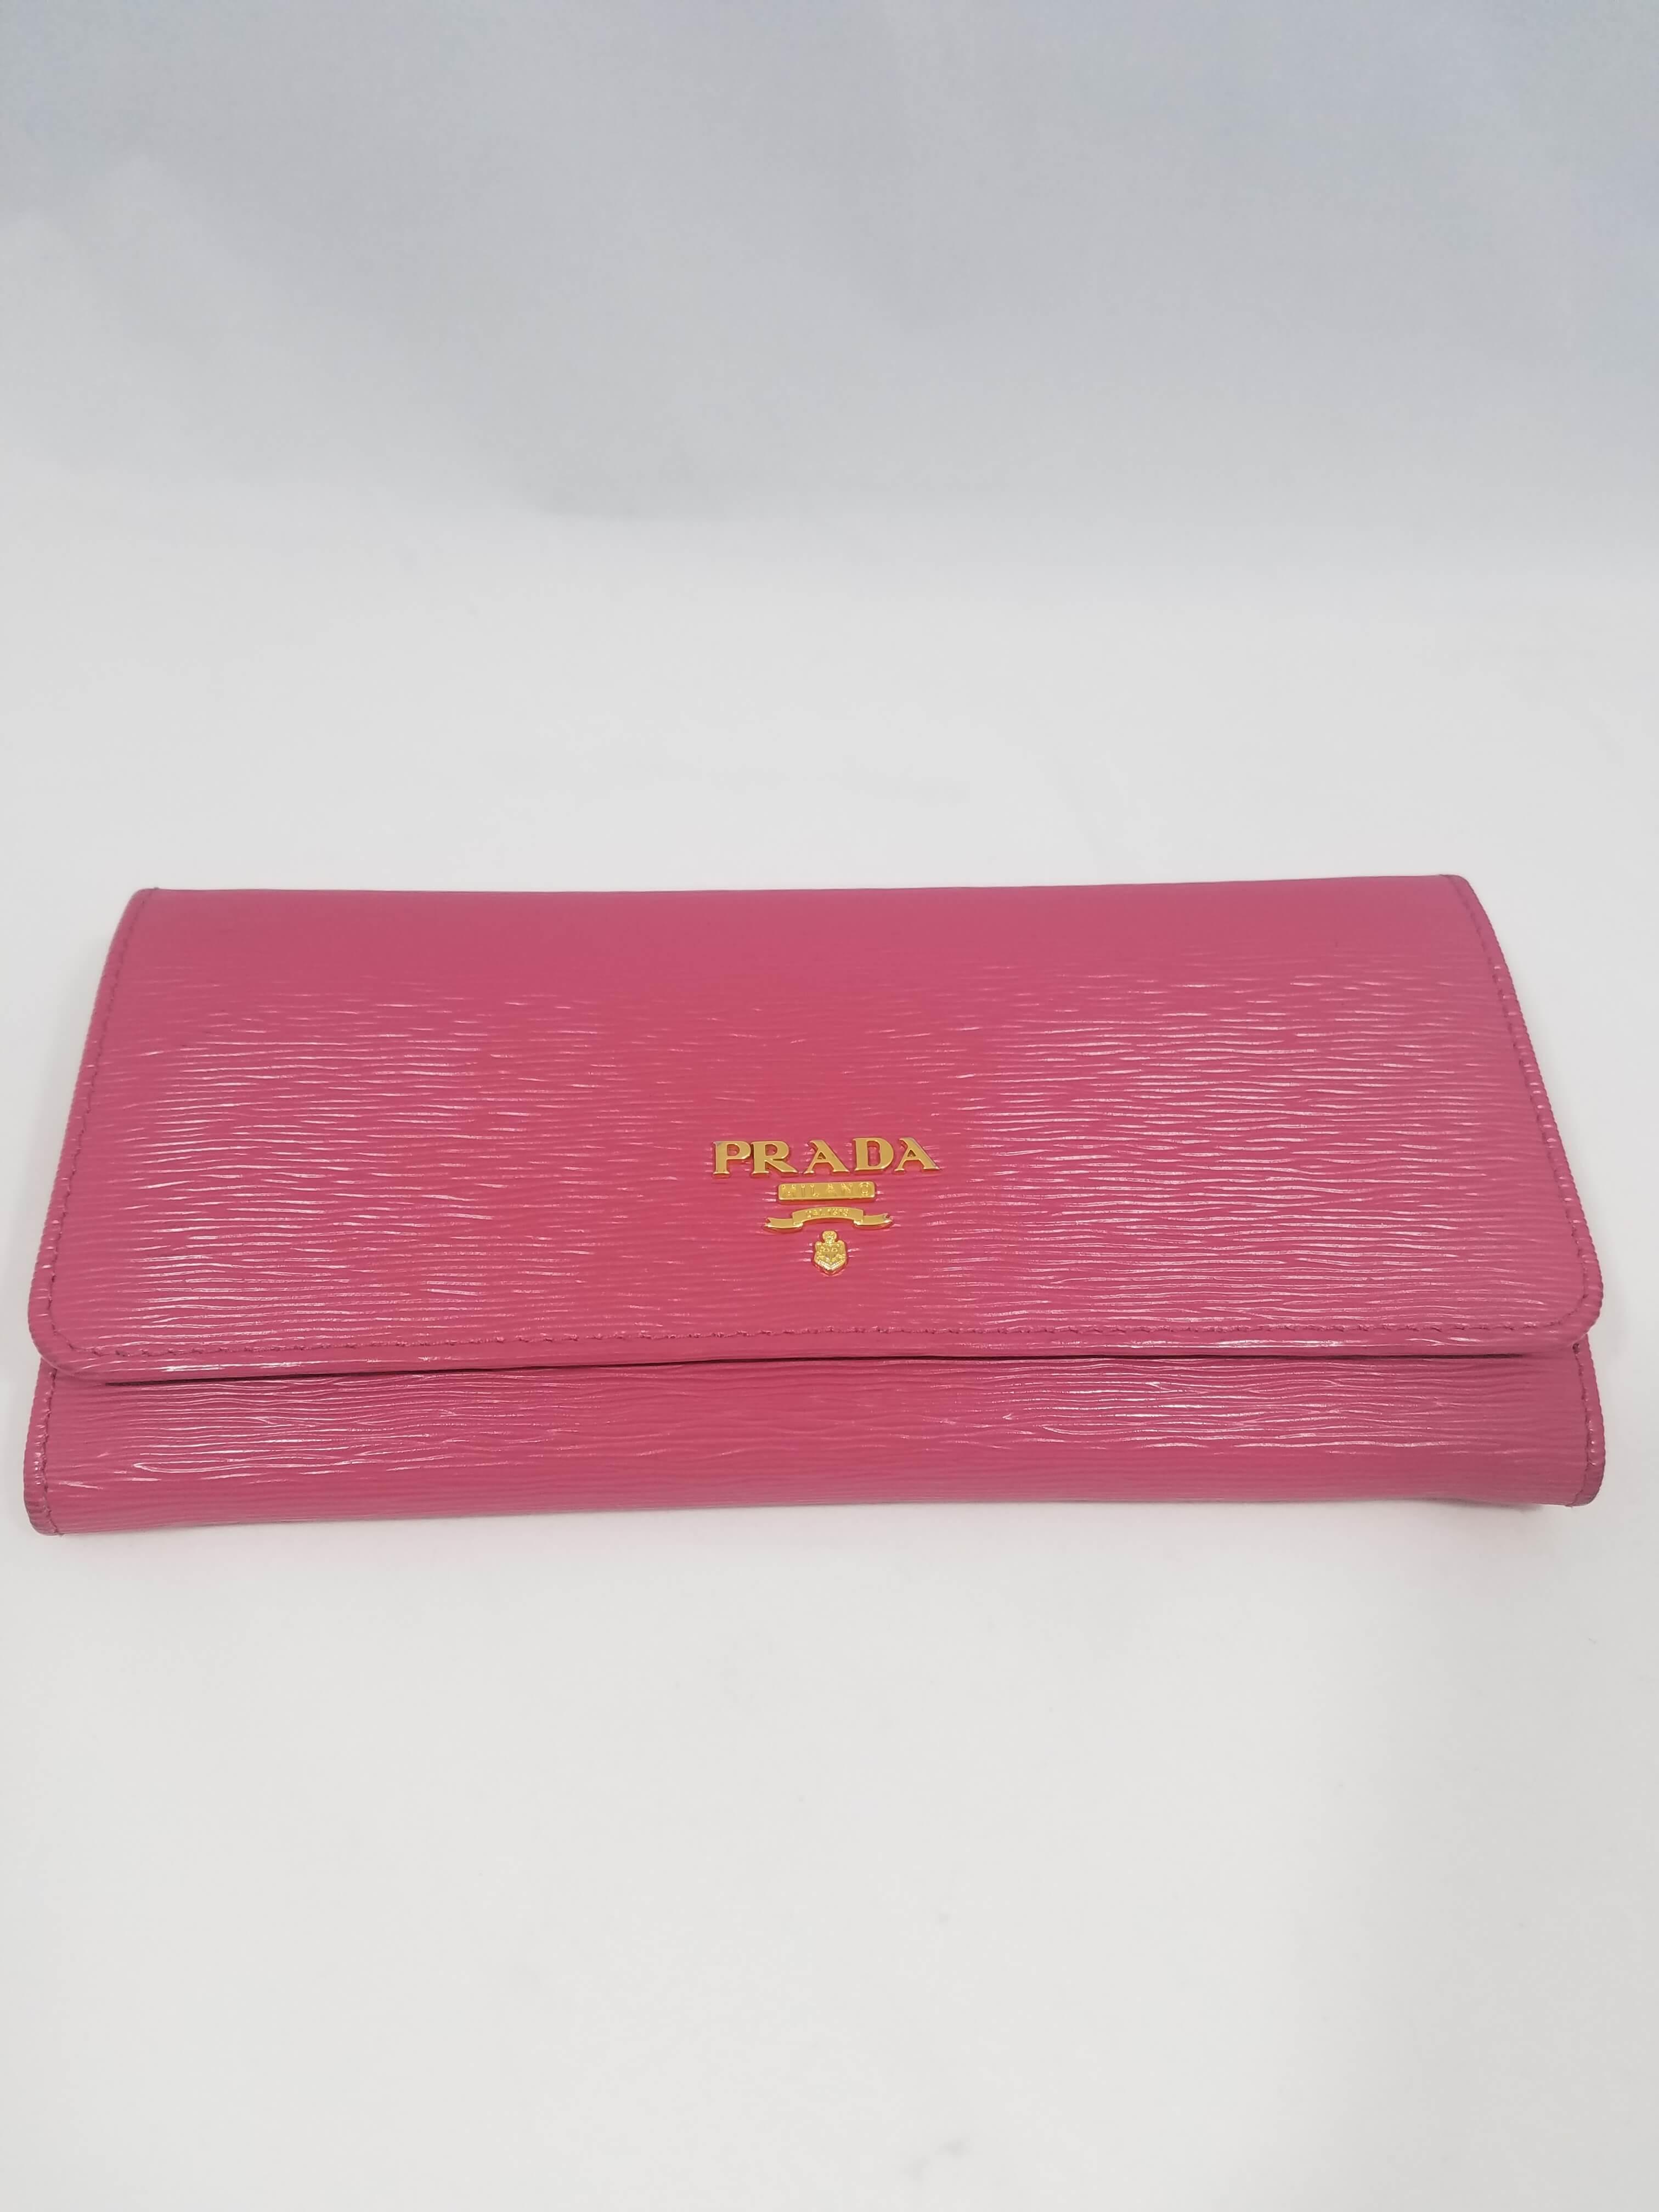 プラダ ピンク 長財布